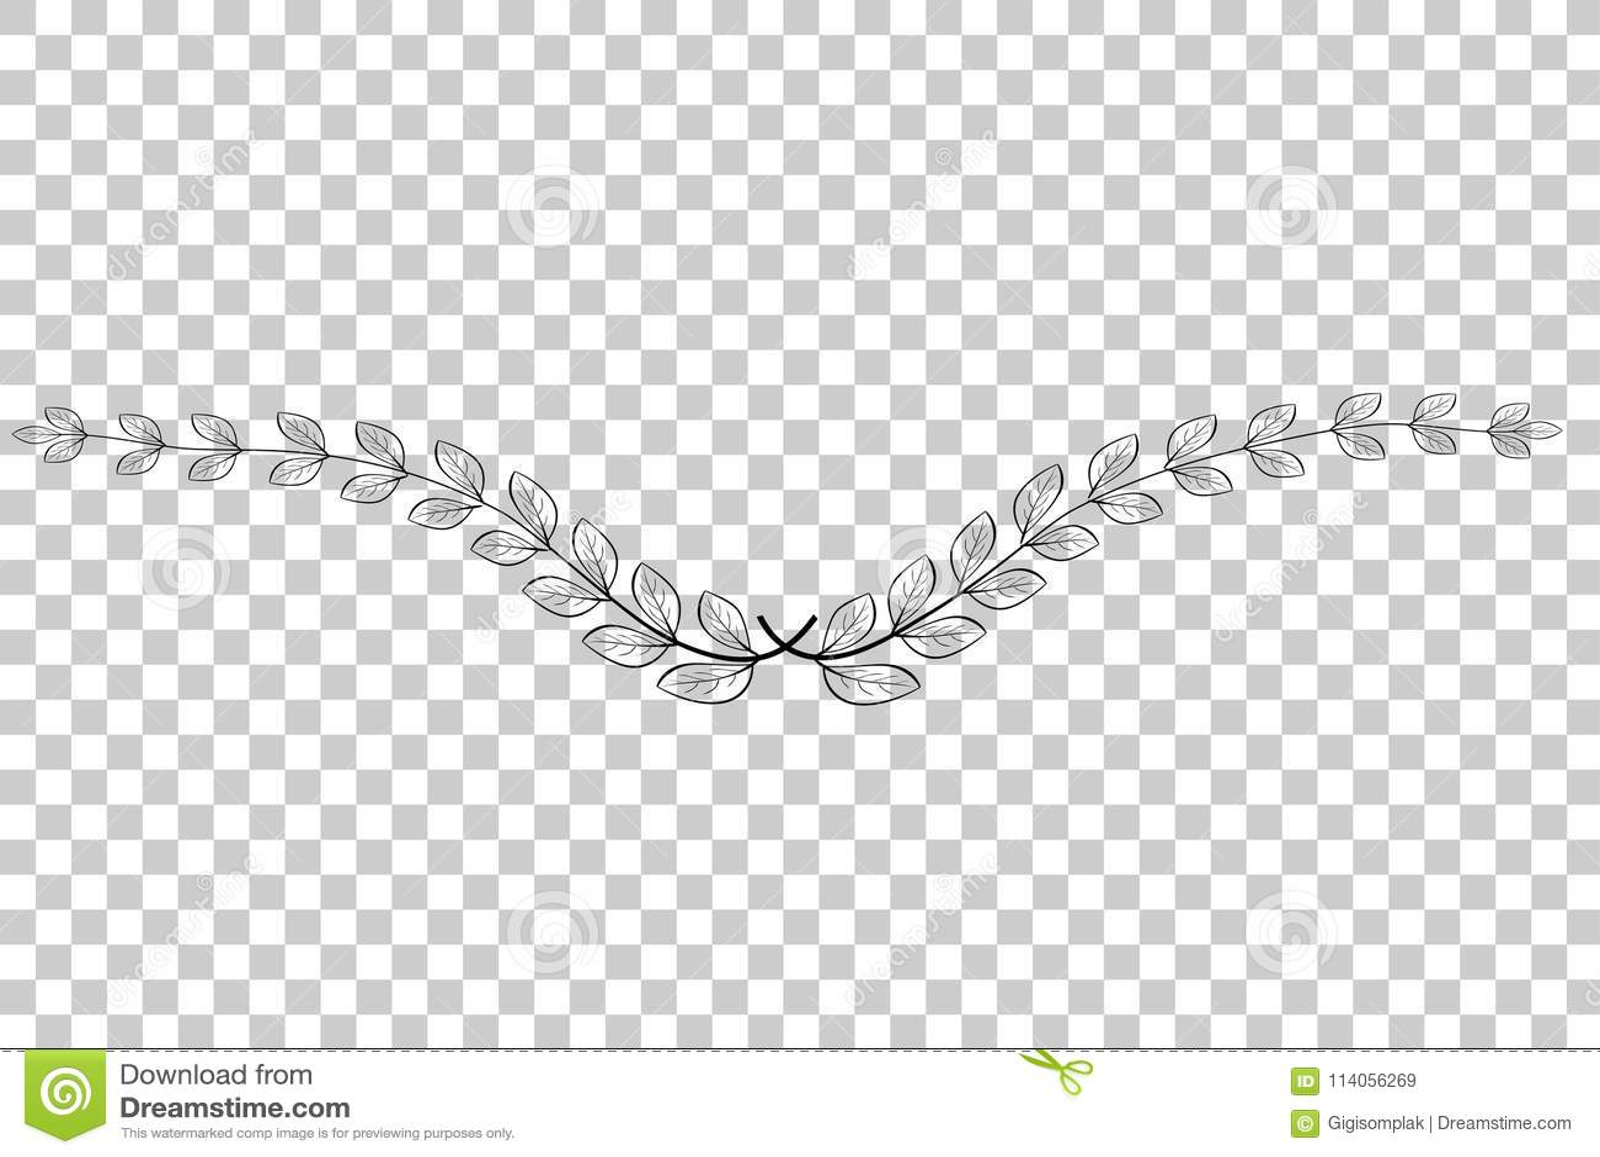 Floral Wreath Doodle